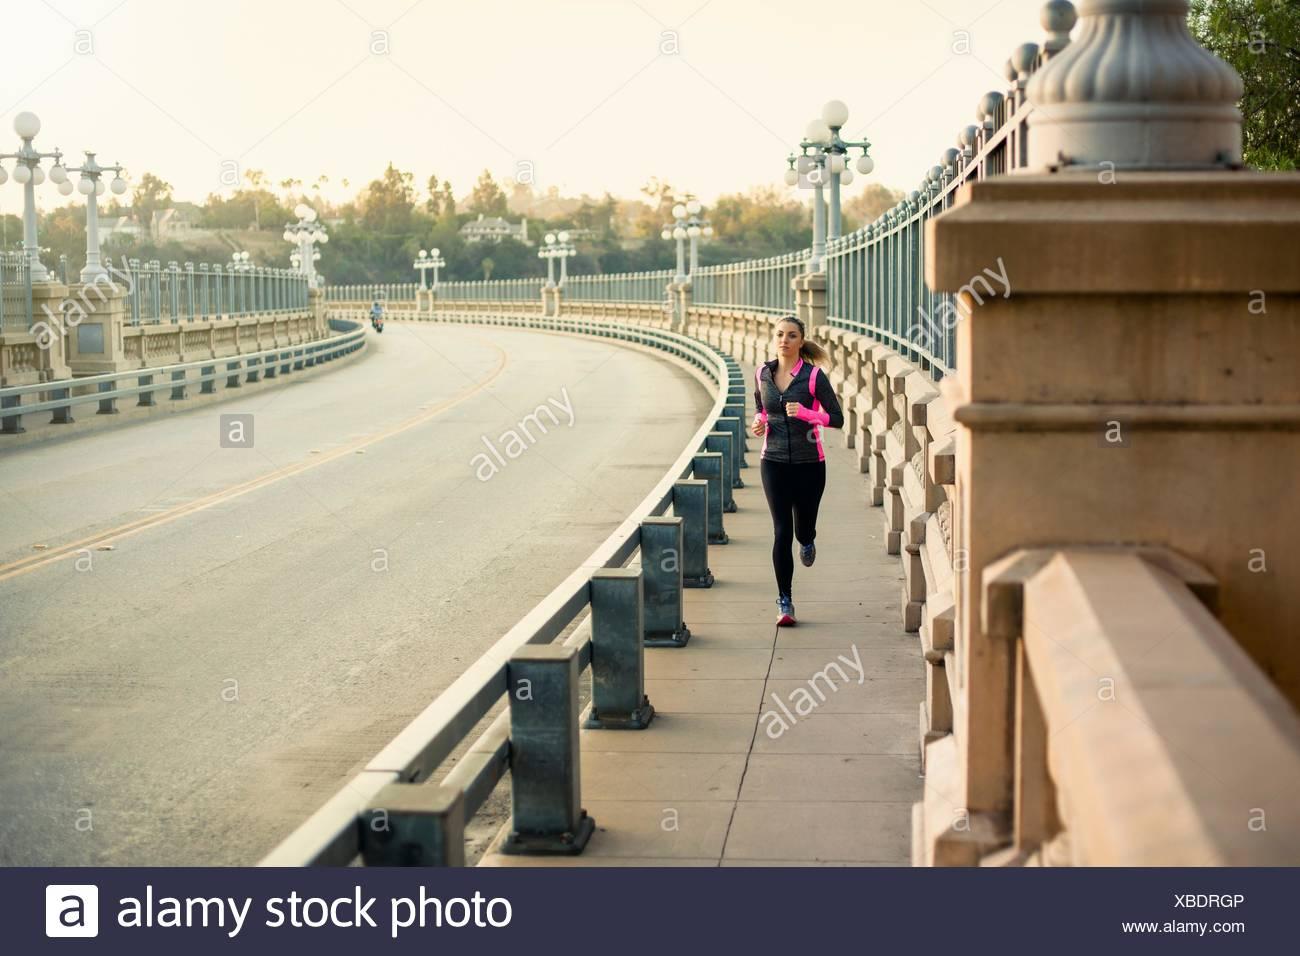 Esecuzione del pareggiatore sul ponte, Arroyo Seco Park, Pasadena, California, Stati Uniti d'America Immagini Stock